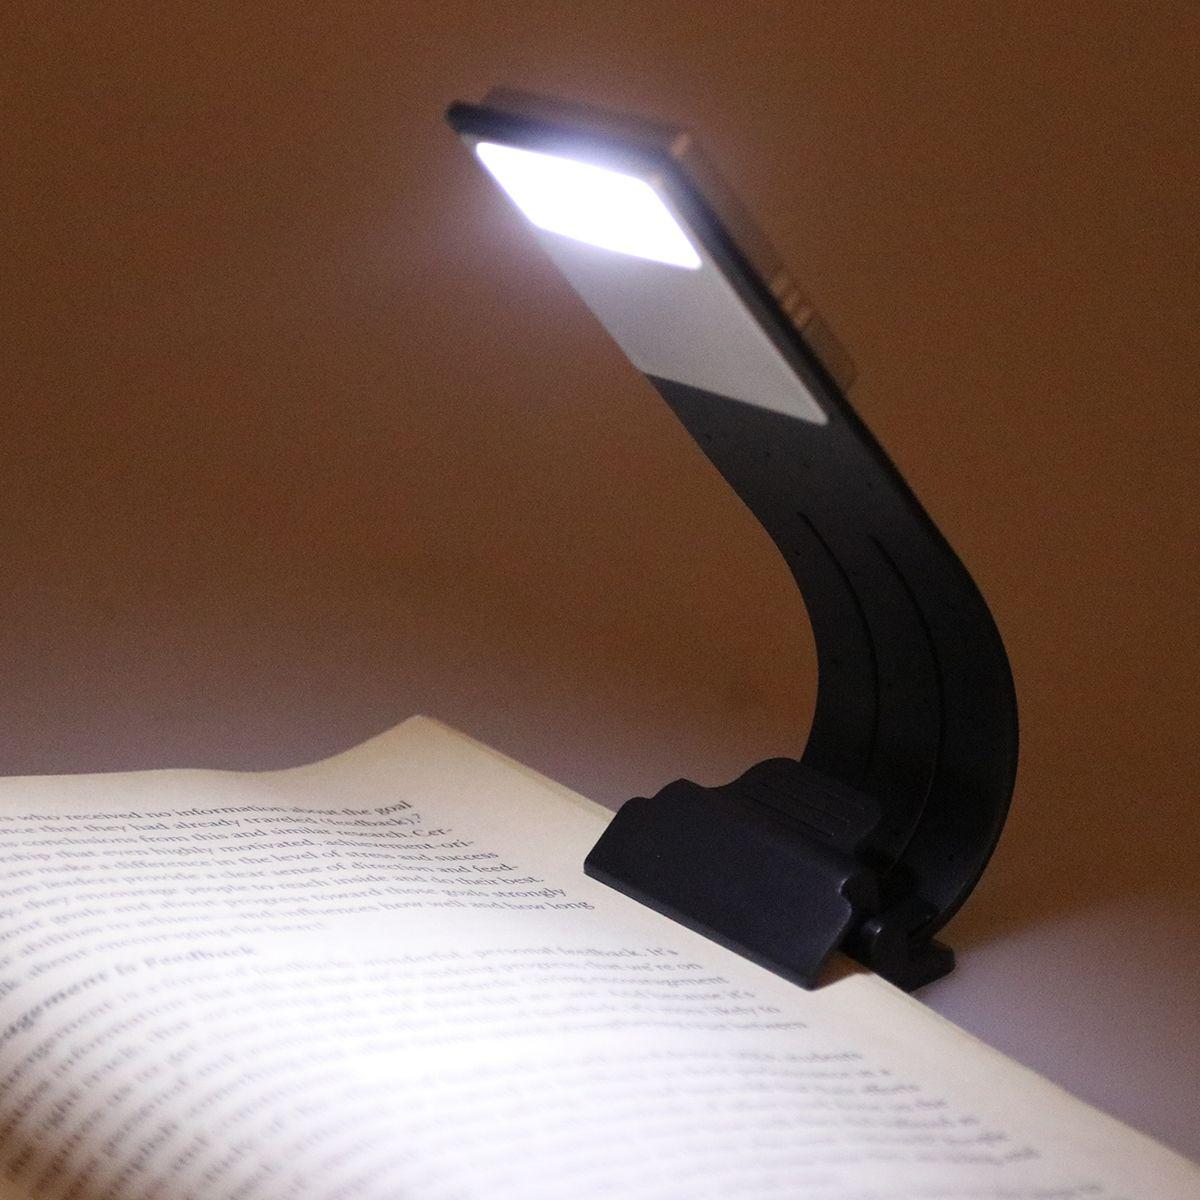 gro handel buch licht led clip buch leselampe usb wiederaufladbare flexible licht lesezeichen. Black Bedroom Furniture Sets. Home Design Ideas